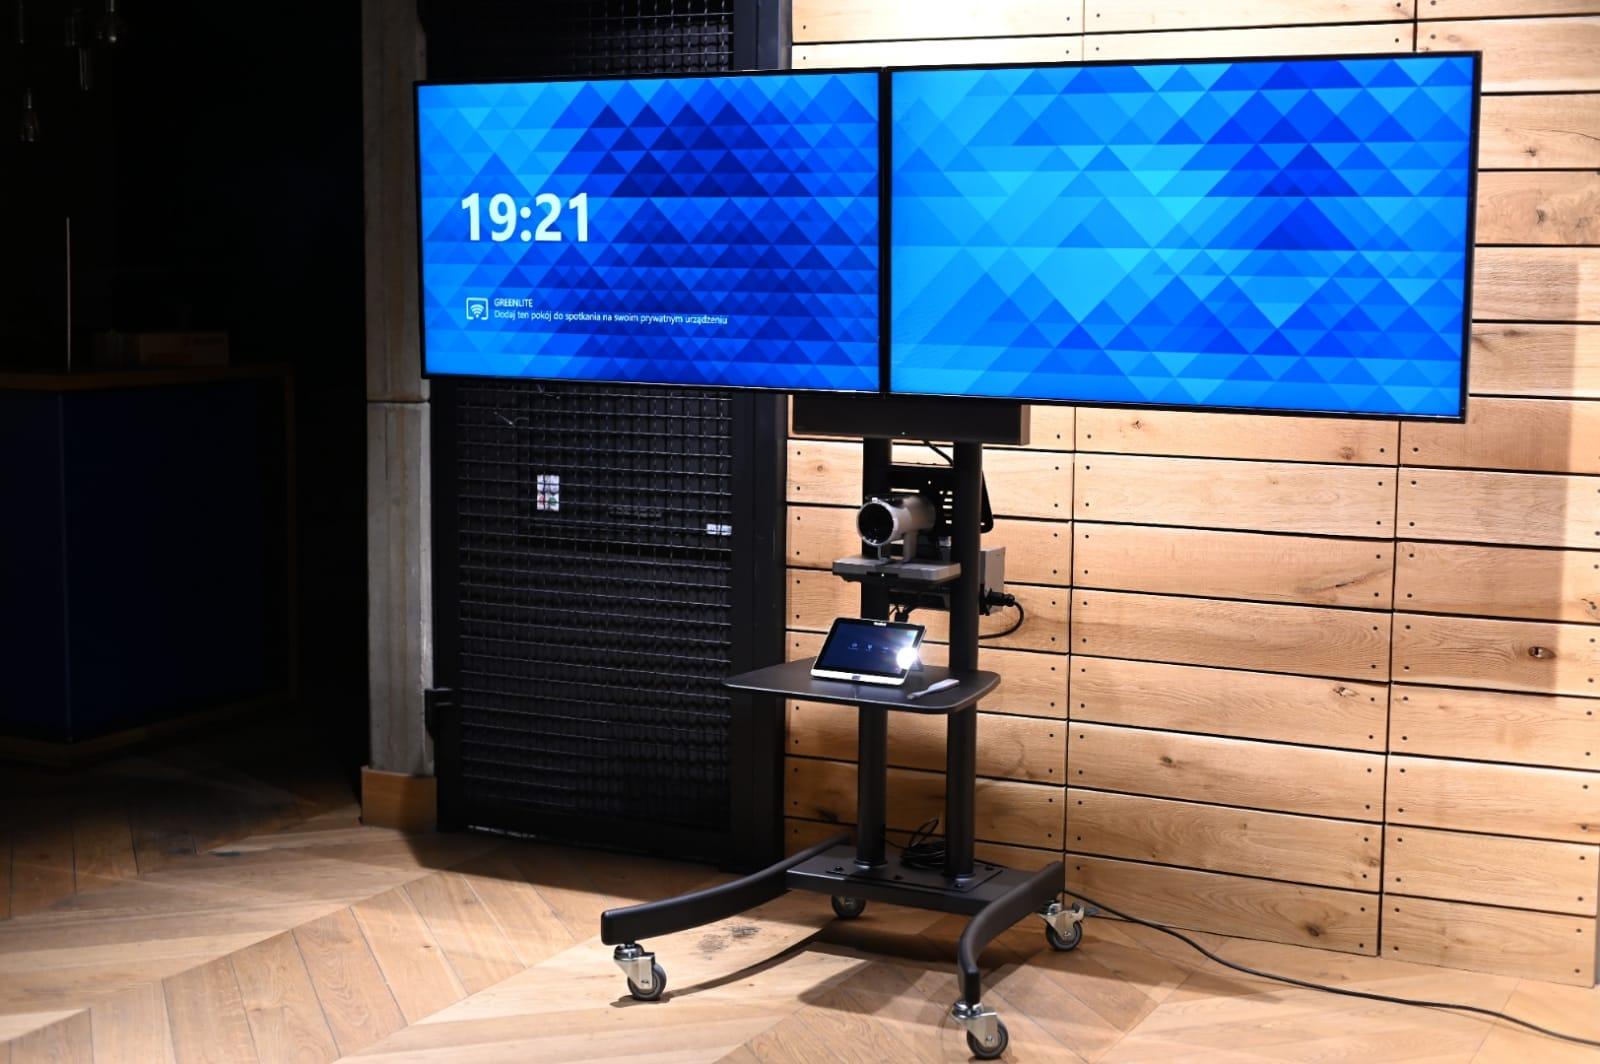 Wózek konferencyjny na dwa monitory i kamerę